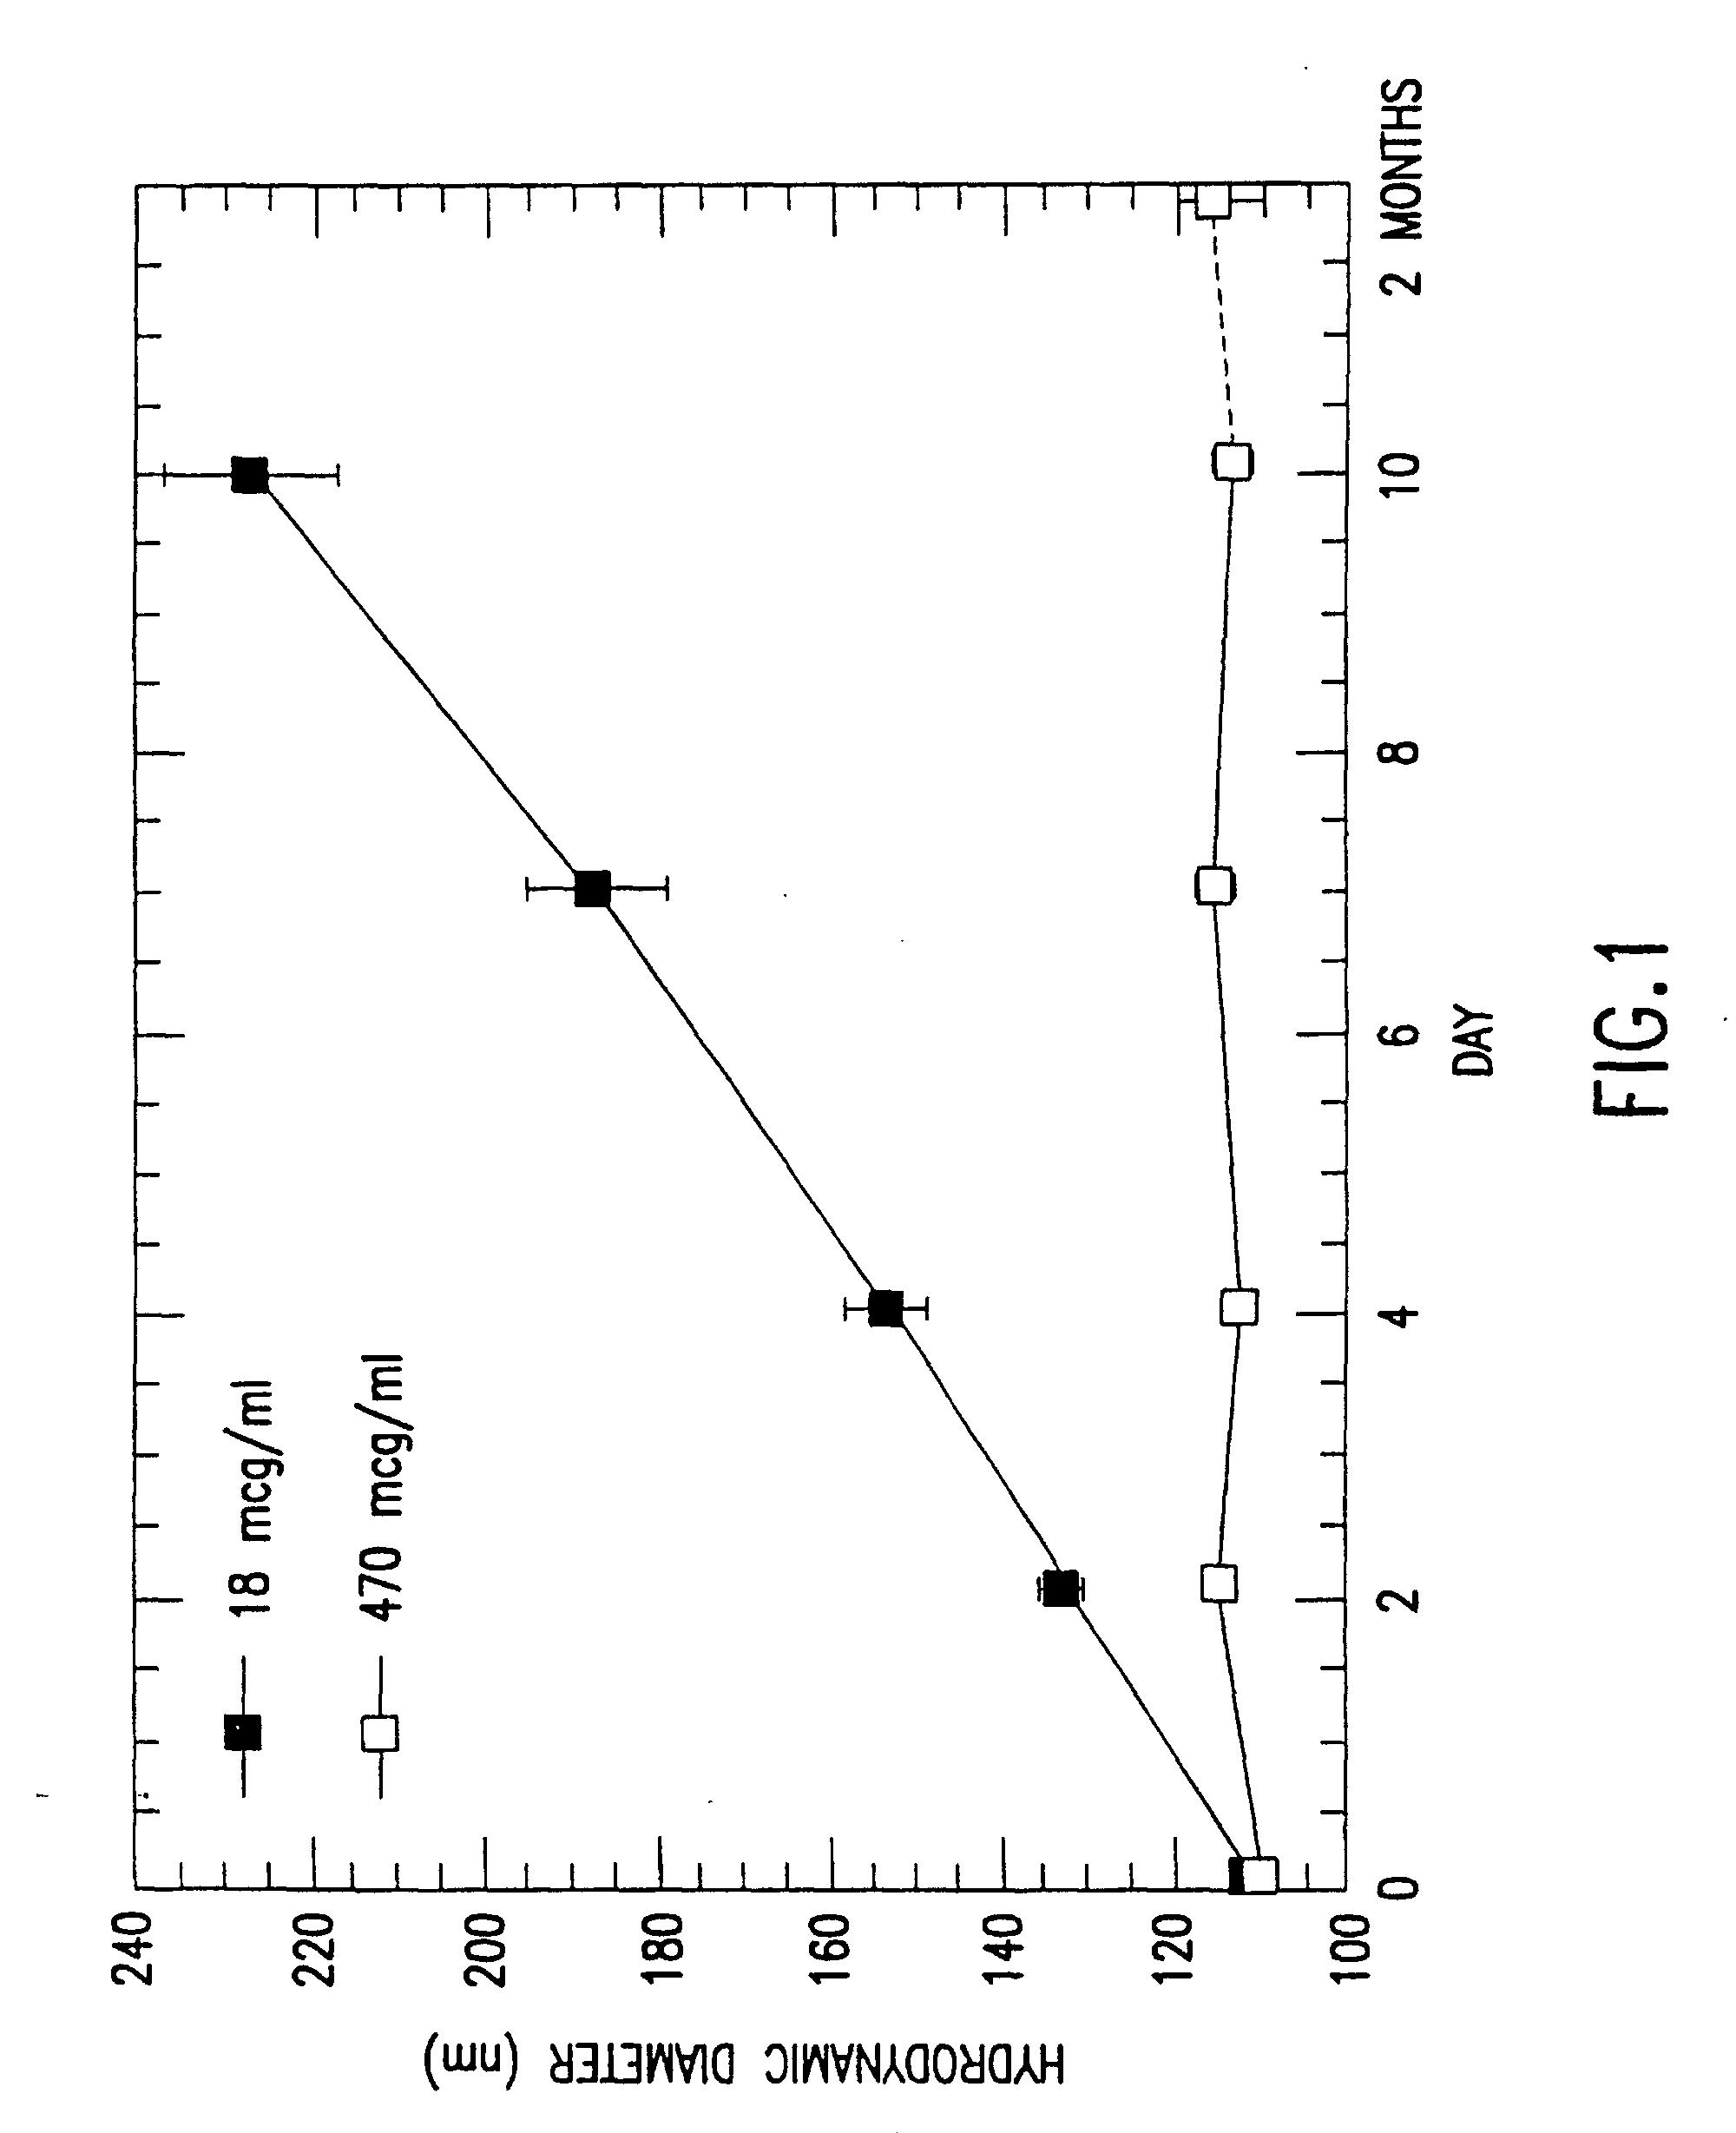 condyloma acuminata cmu)